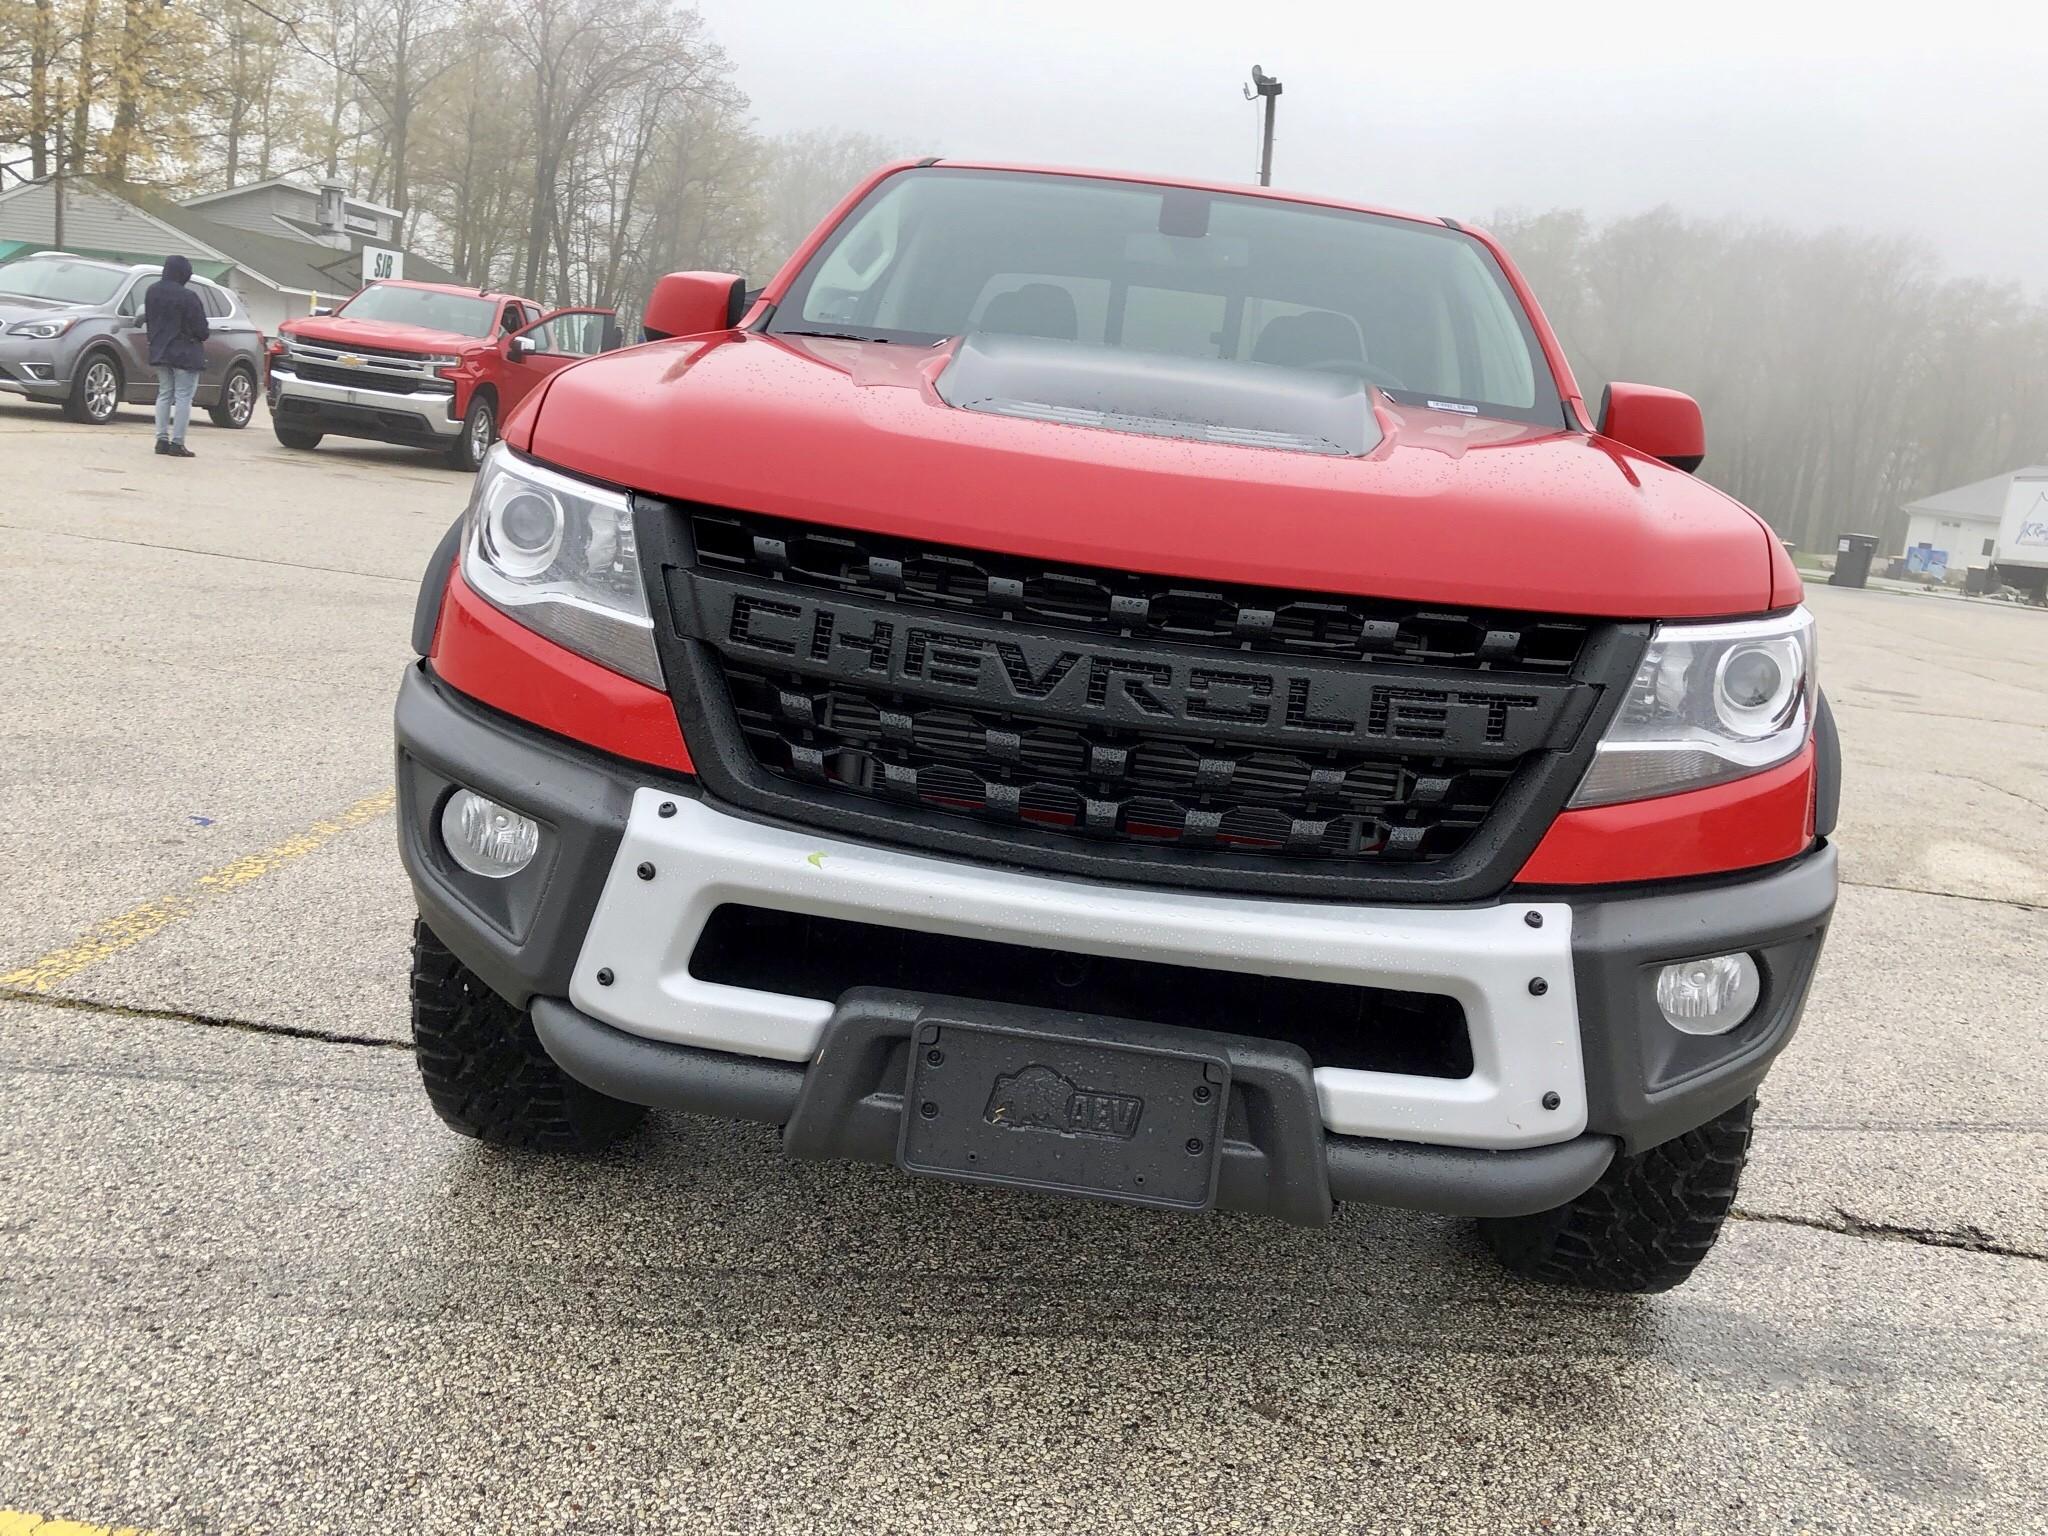 2019 Chevrolet Colorado ZR2 Bison AEV 2 8L Diesel - First